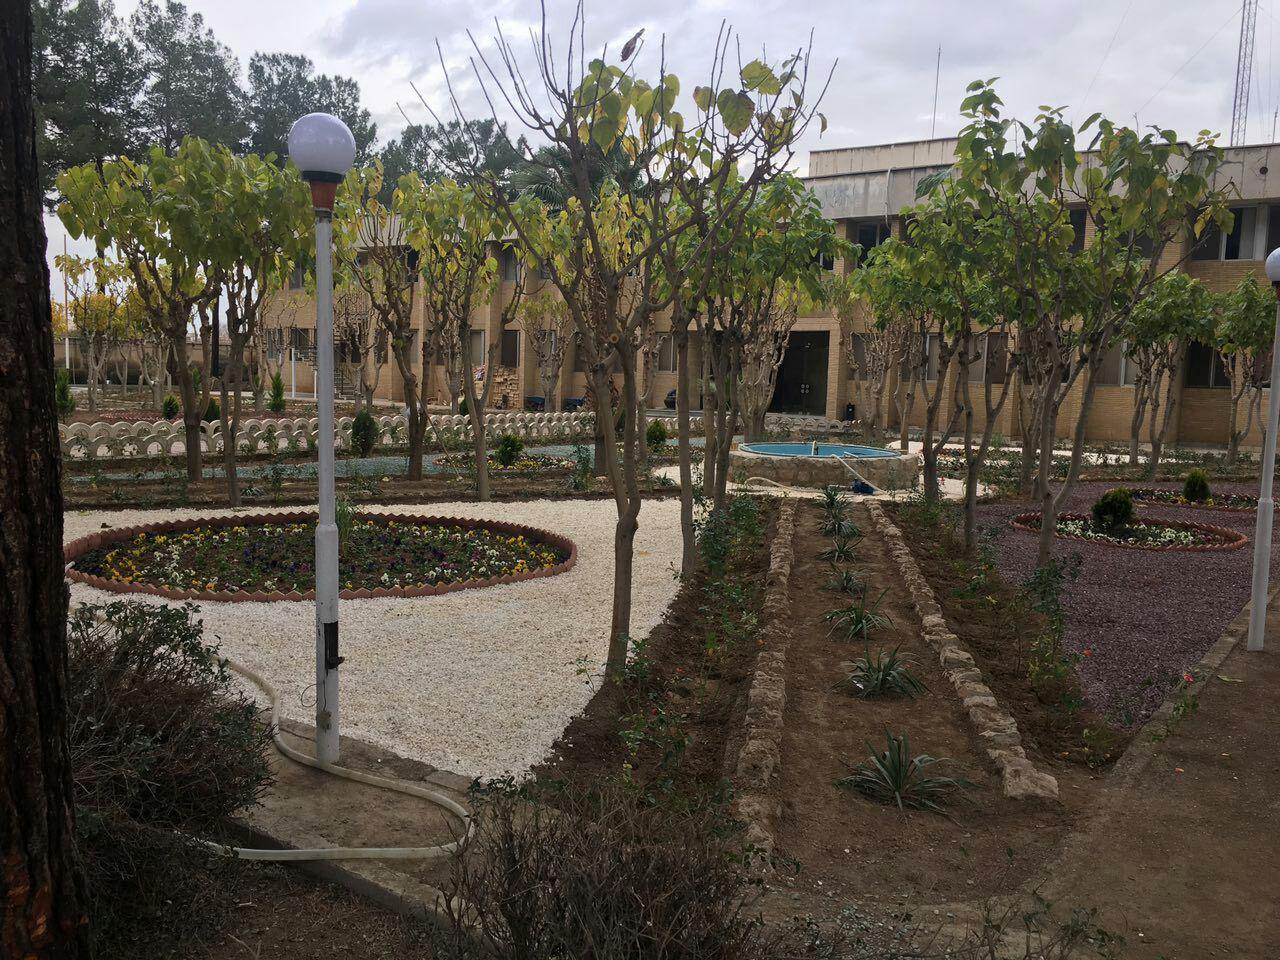 بهره برداری از ساختمان درمانگاه کاشی اصفهان + فیلم بهره برداری بهره برداری از ساختمان درمانگاه کاشی اصفهان + فیلم                       5